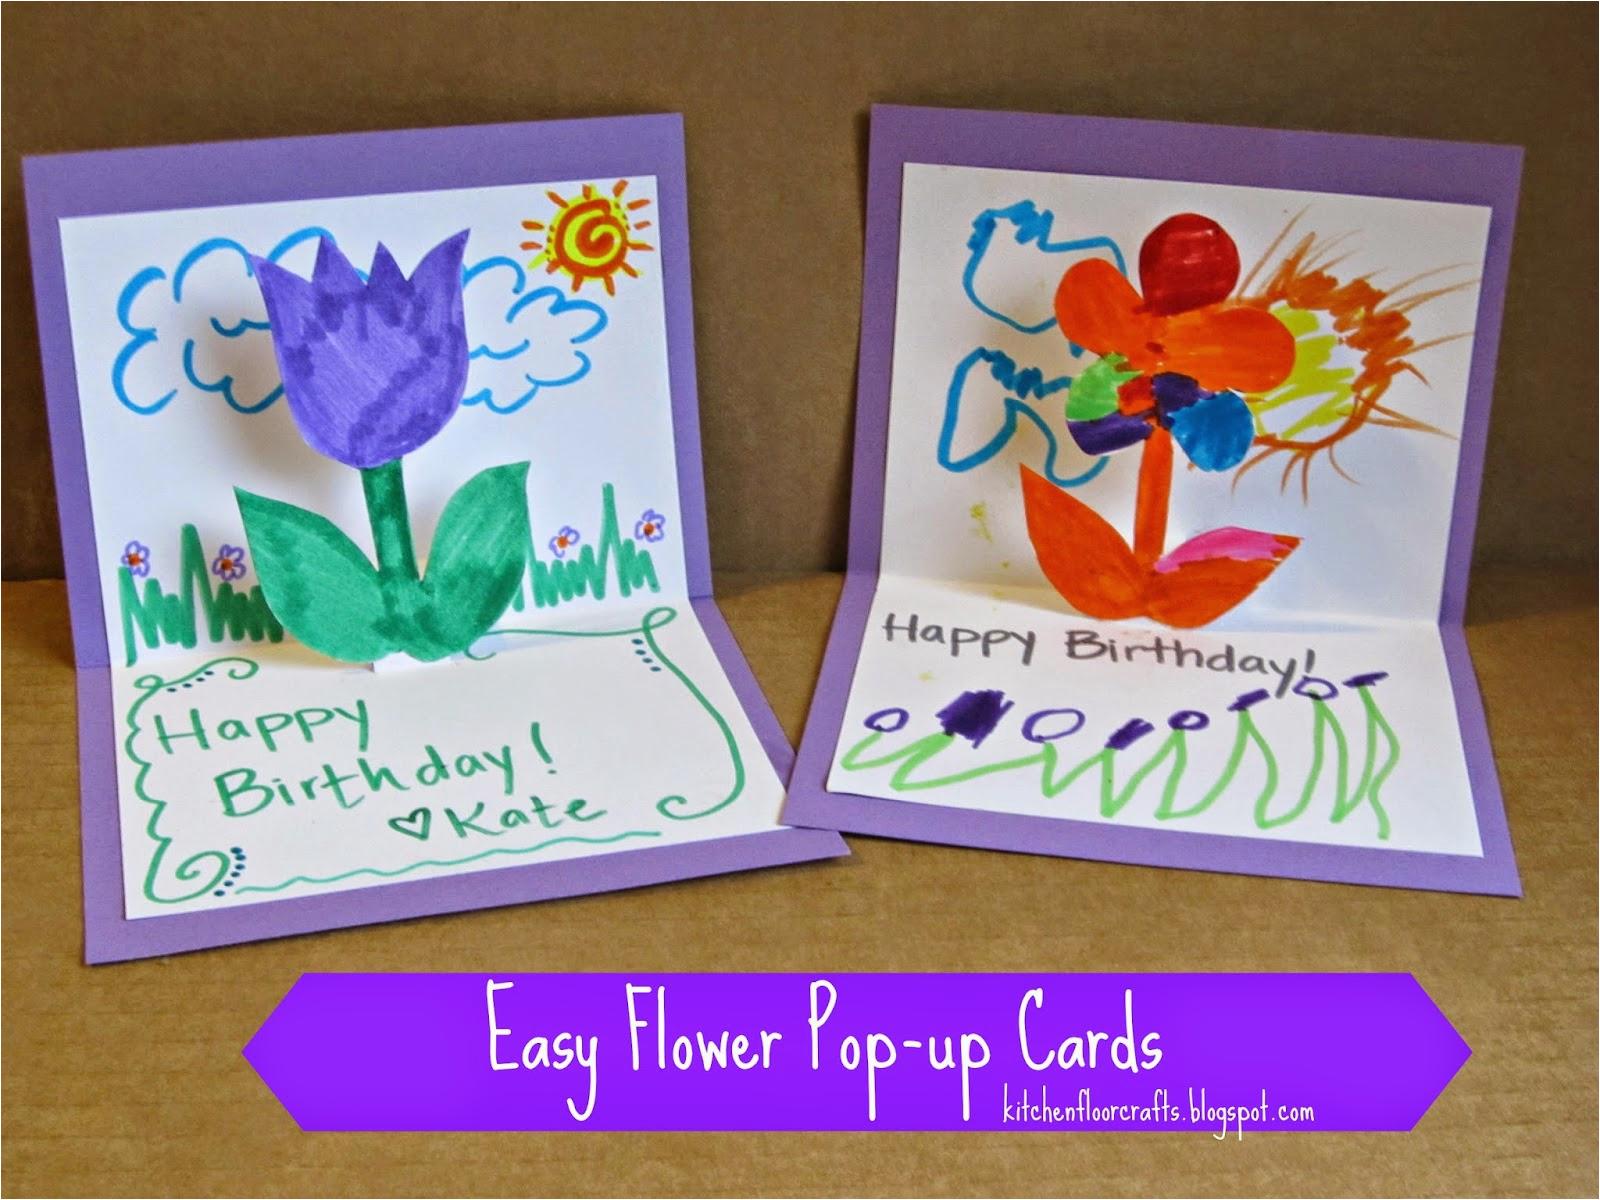 kitchen floor crafts easy flower pop up cards